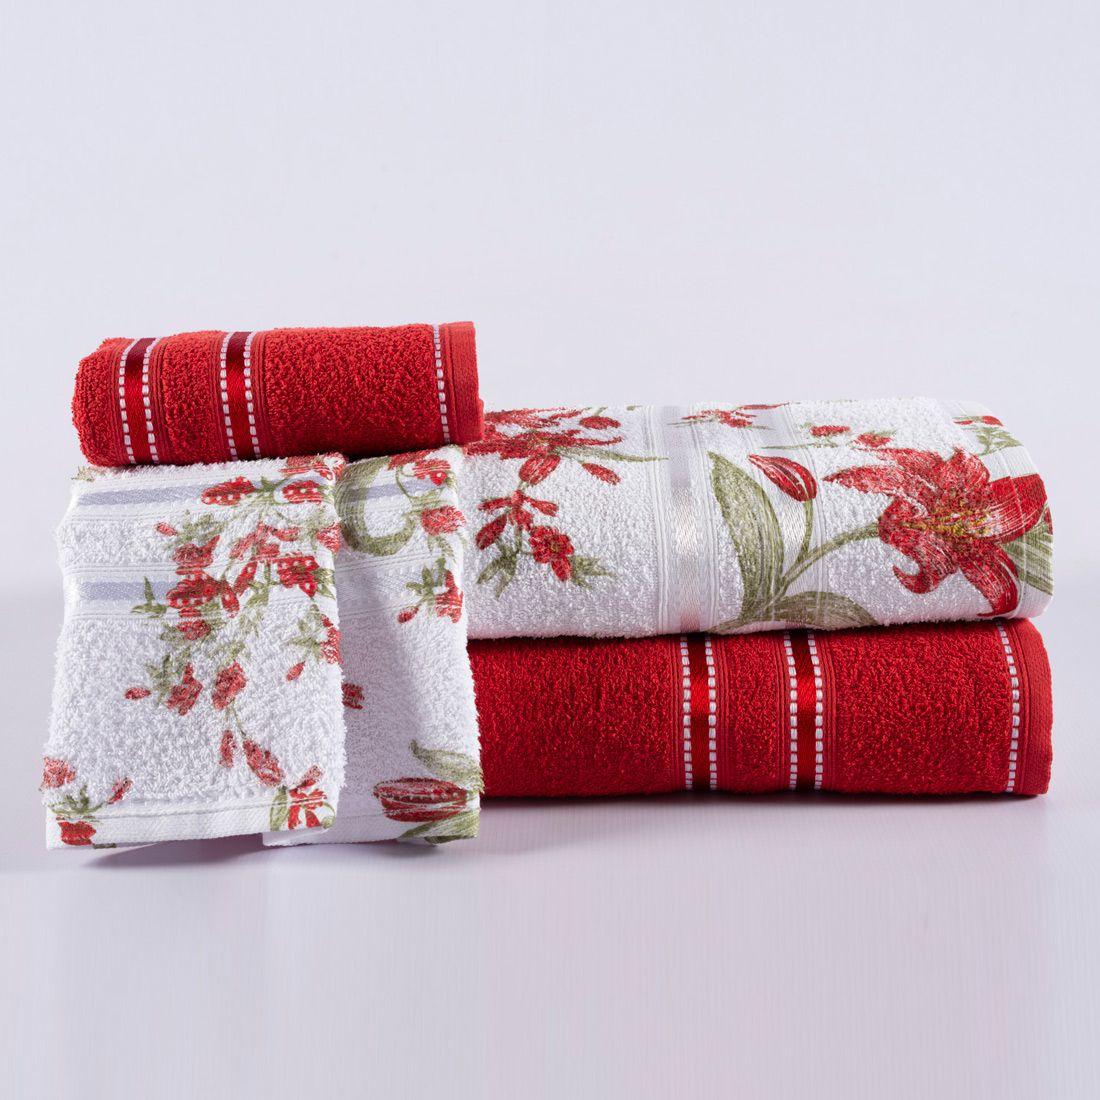 Jogo de Banho Noblesse Vermelho/Floral Felpa 100% Algodão 340 g/m² - 02 Peças